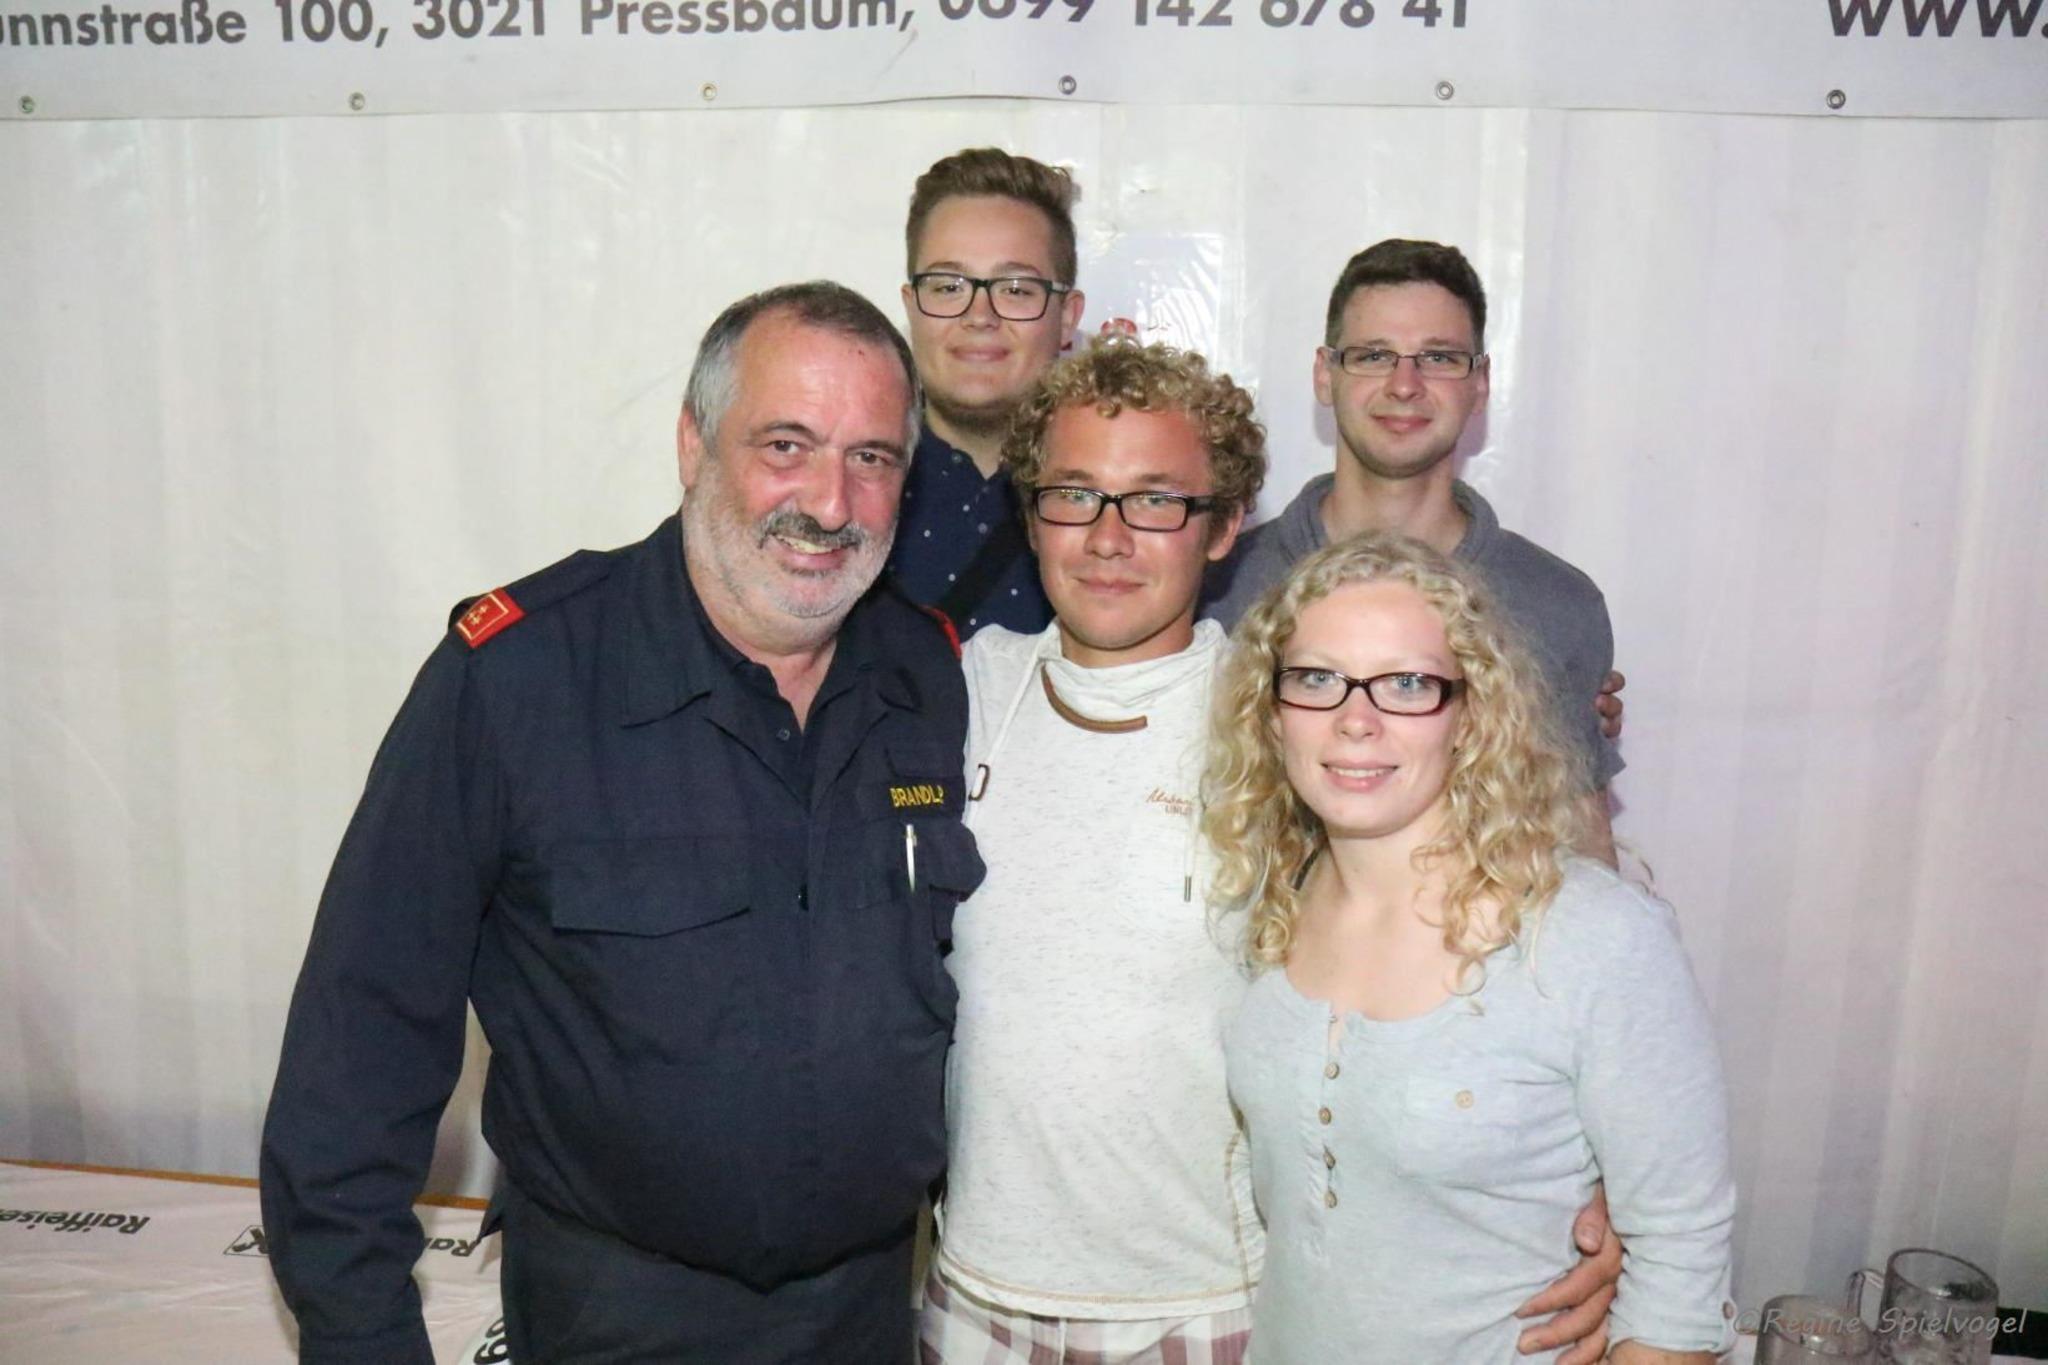 Junge leute kennenlernen aus pressbaum: Gay dating in buchkirchen